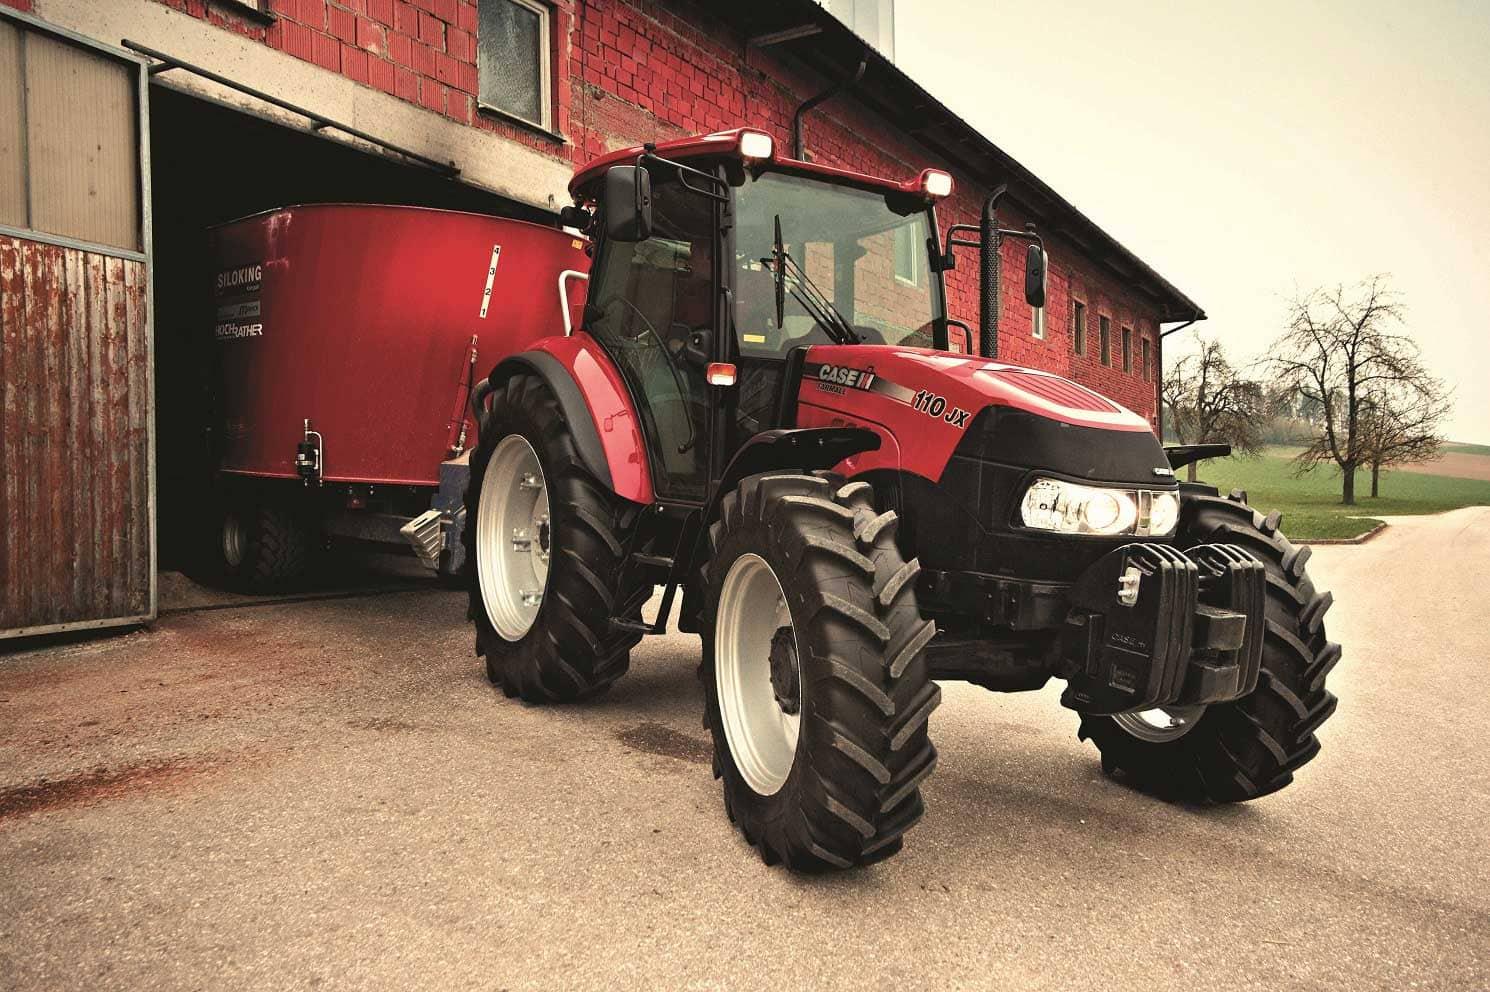 110JX_Farmall_C12_053?width=410&height=265 farmall jx series tractors case ih case jx 95 wiring diagram at eliteediting.co